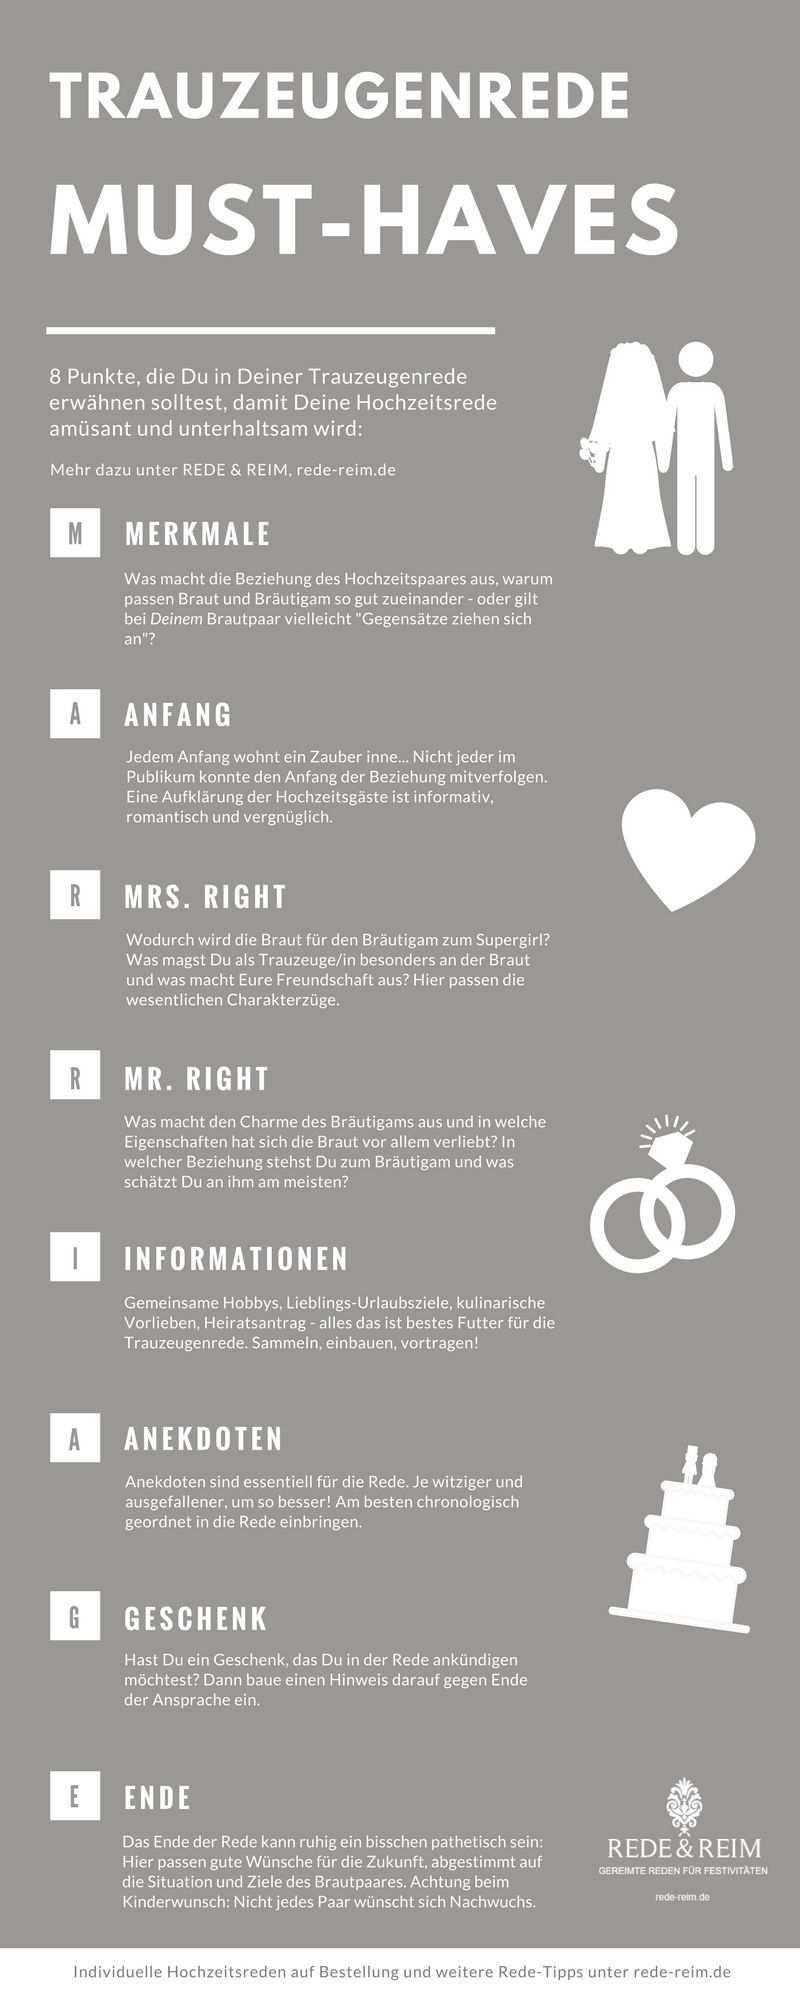 8 Punkte Die Sie In Ihrer Trauzeugenrede Erwahnen Sollten Rede Reim Trauzeugin Hochzeit Rede Hochzeit Trauzeugin Ideen